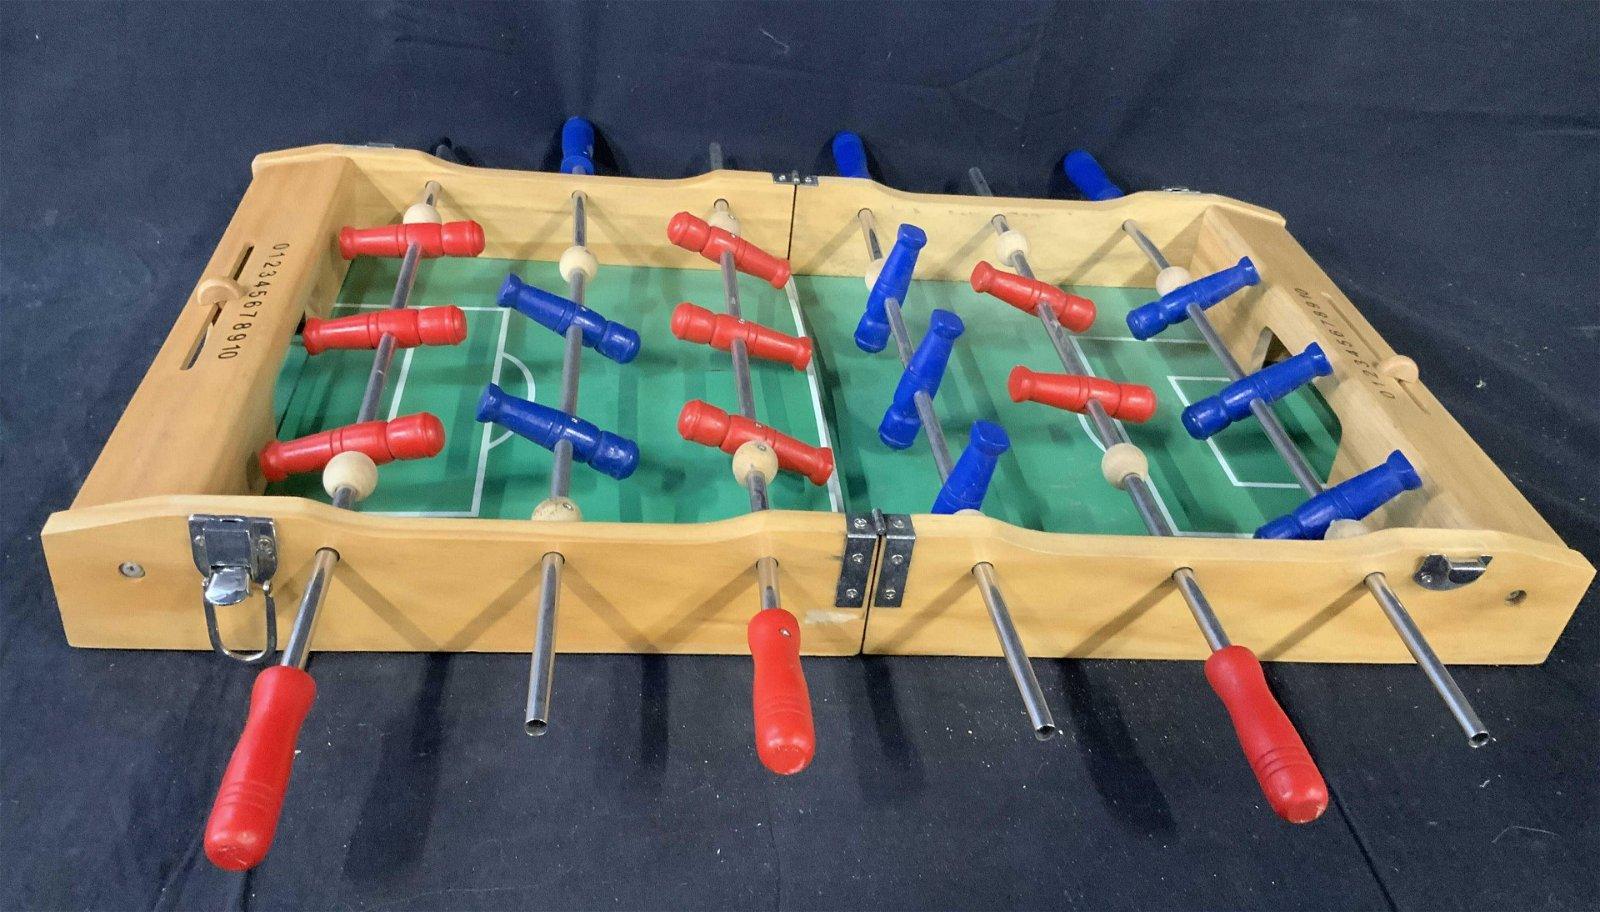 Vintage Table Top Foosball Game